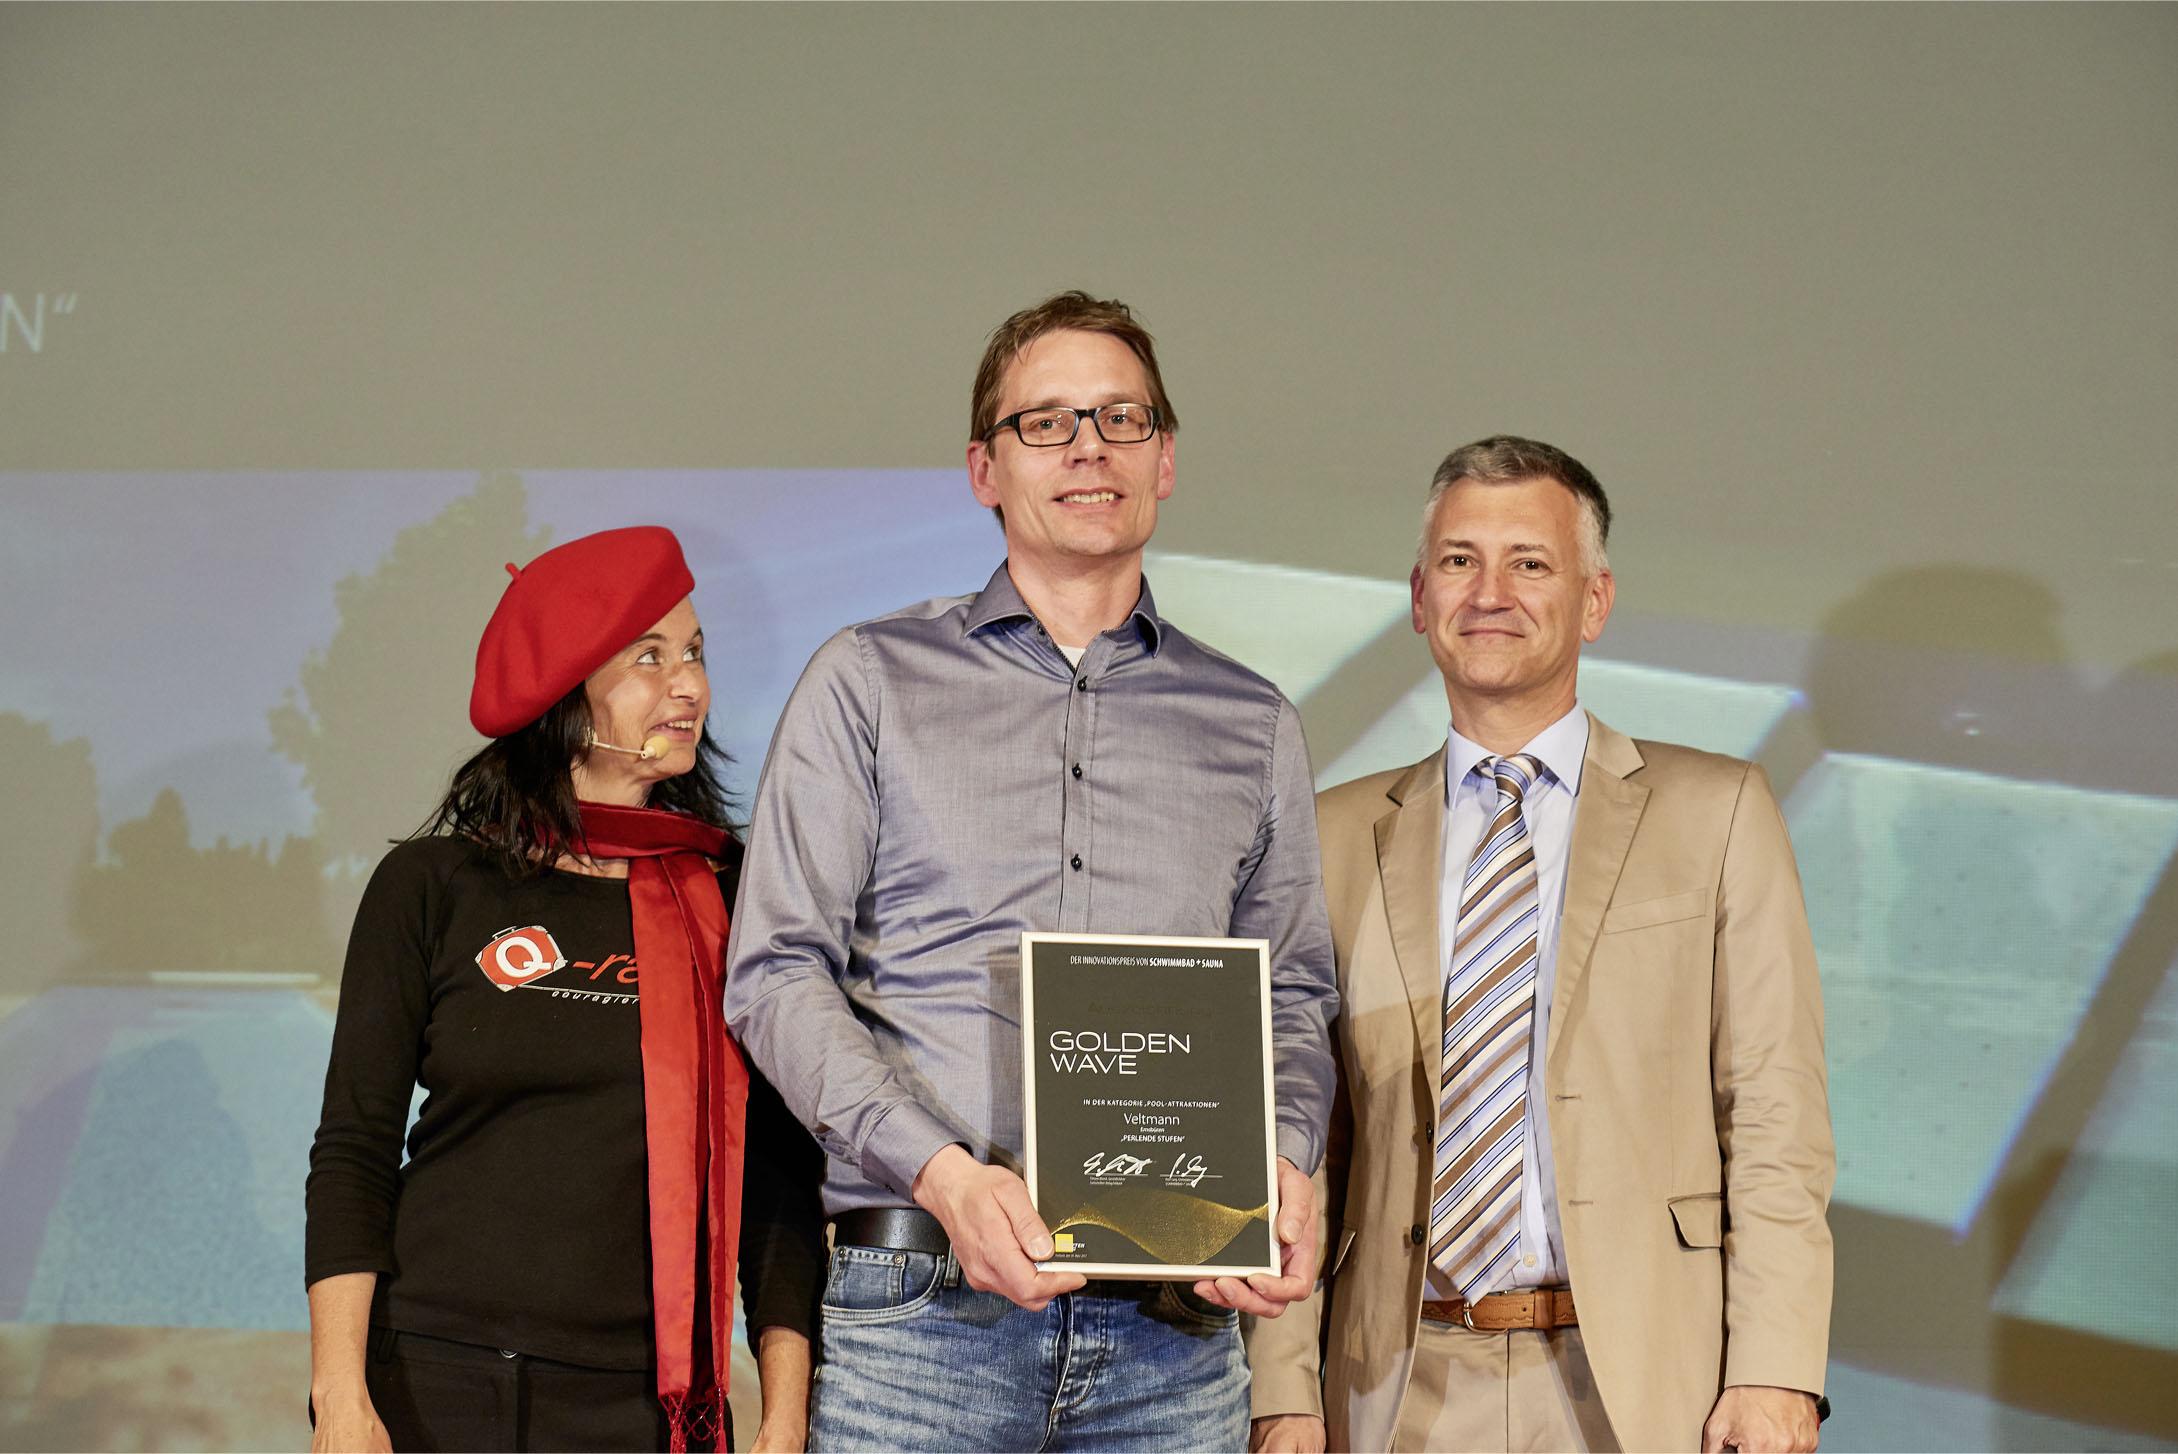 Verleihung Golden Wave dort in der Mitte Frank Veltmann - Veltmann-Pools, rechts Peter Lang - Fachschriften-Verlag